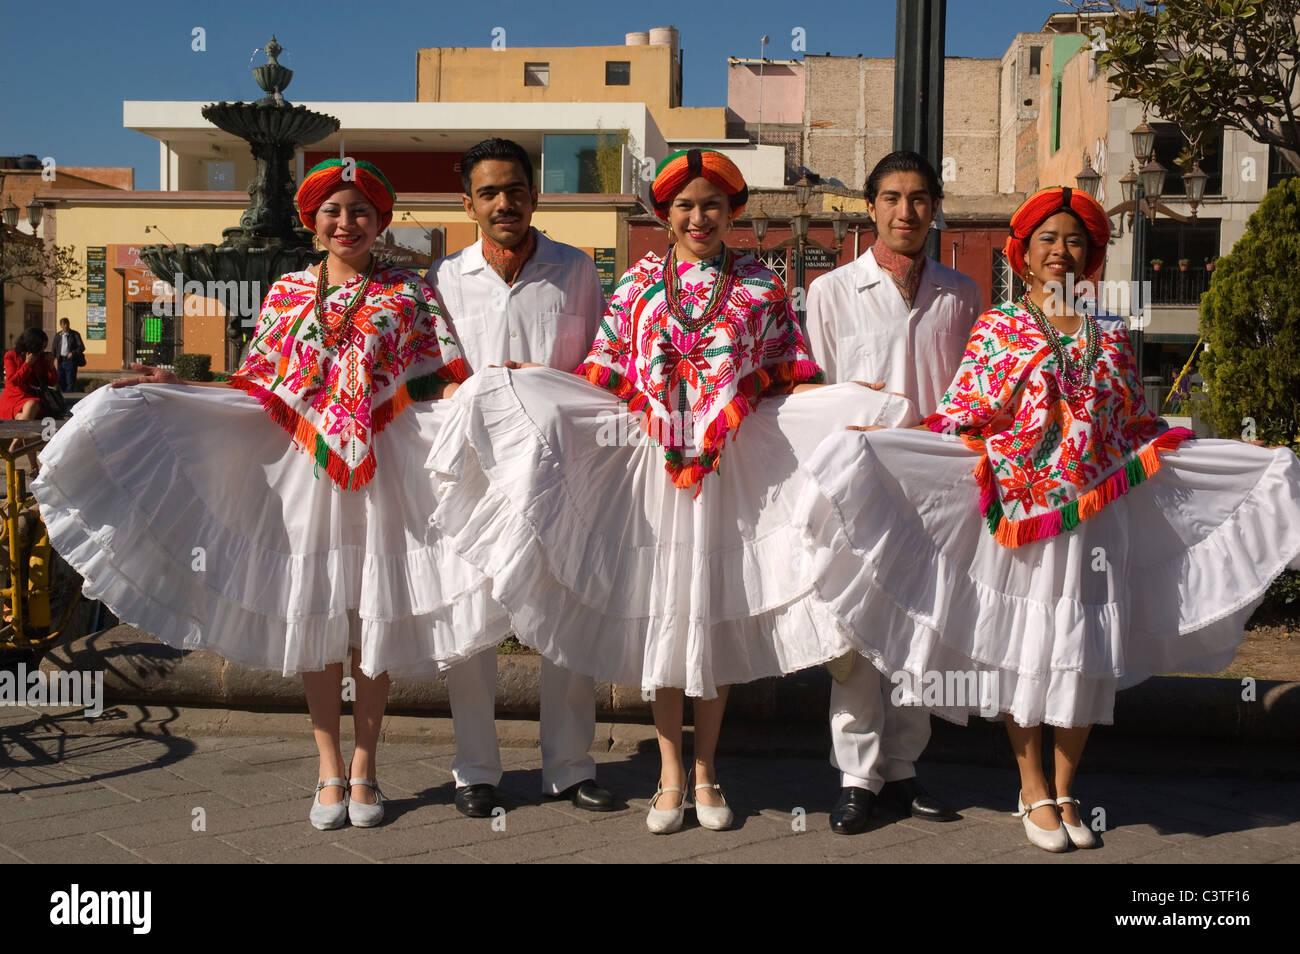 8bde669a1 Elk187-3027 Mexico, San Luis Potosi, Mexican dancers at outdoor public show  wearing